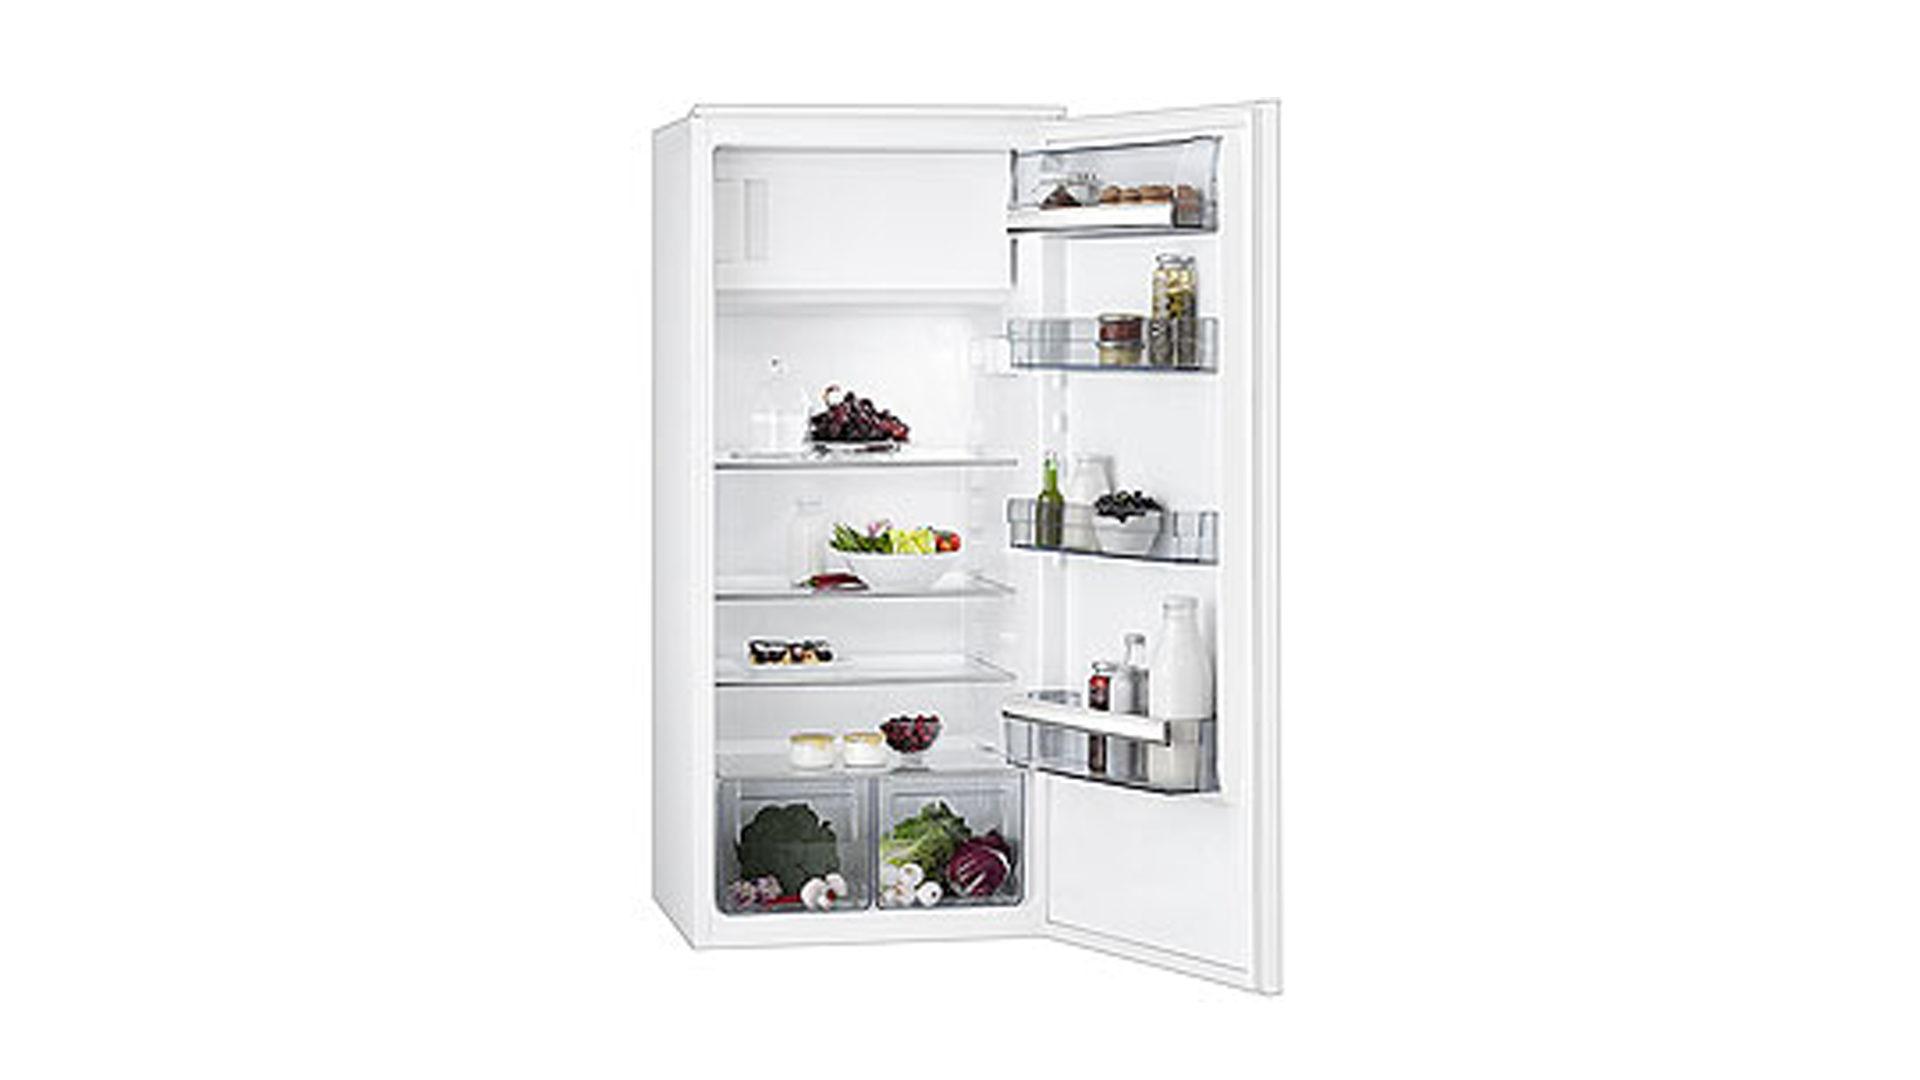 Aeg Kühlschrank Retro : Möbel herzer st. ingbert aeg kühlschrank sd124s2 mit gefrierfach